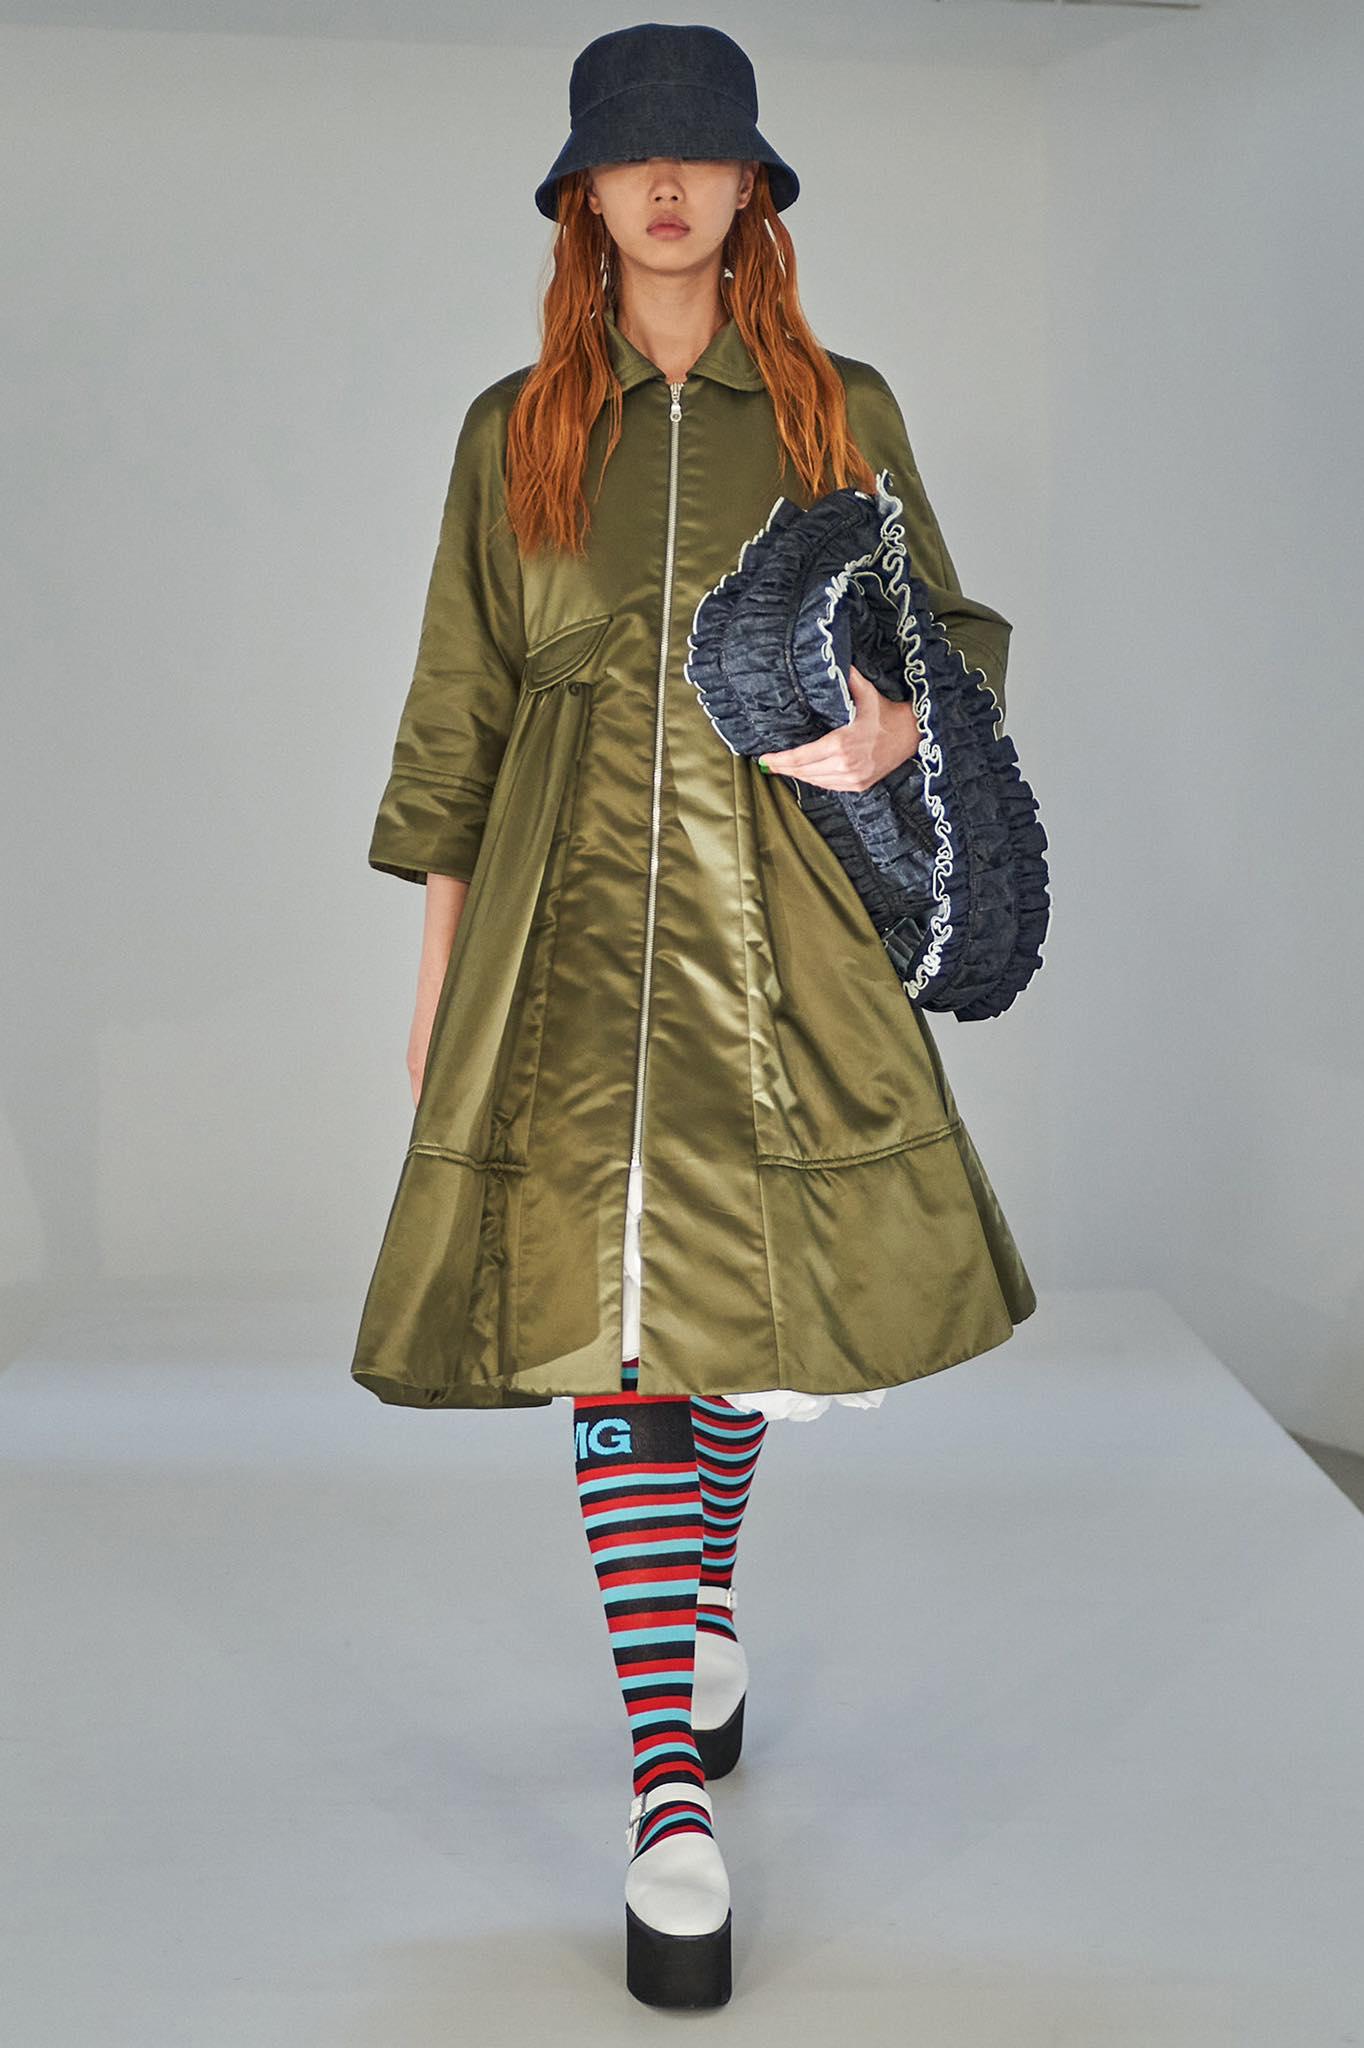 Goddard thời trang xuân hè 2022 look2